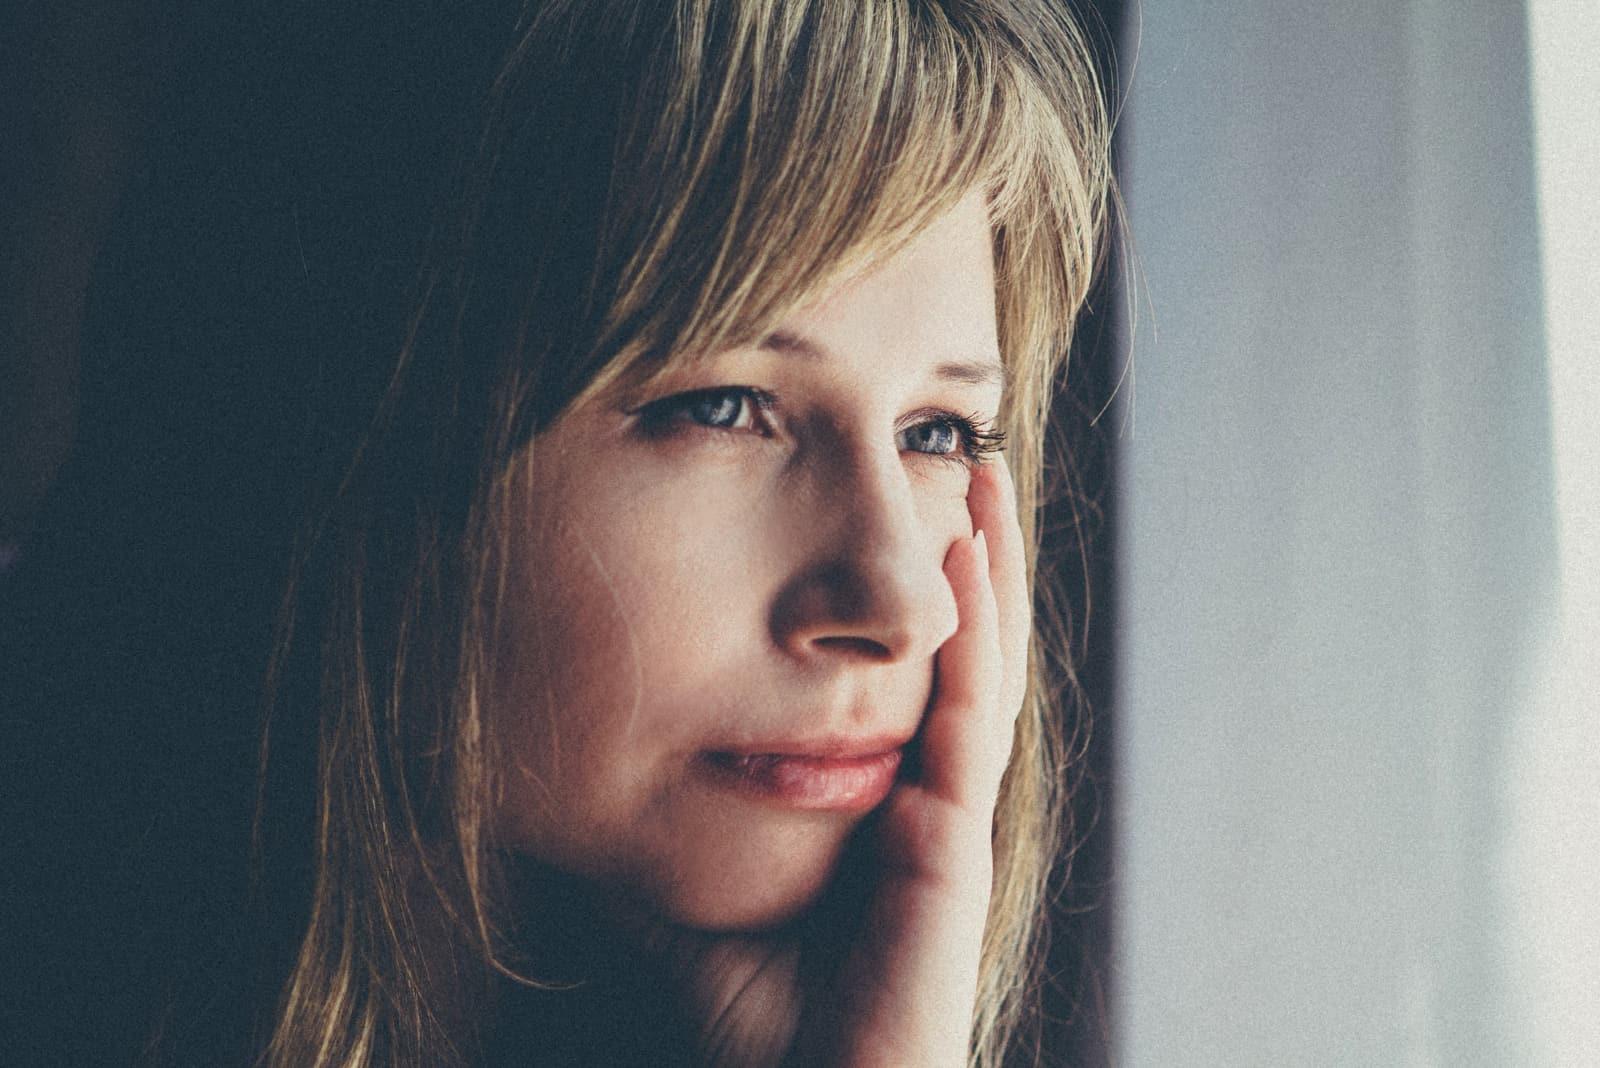 femme pensive assise près d'une fenêtre